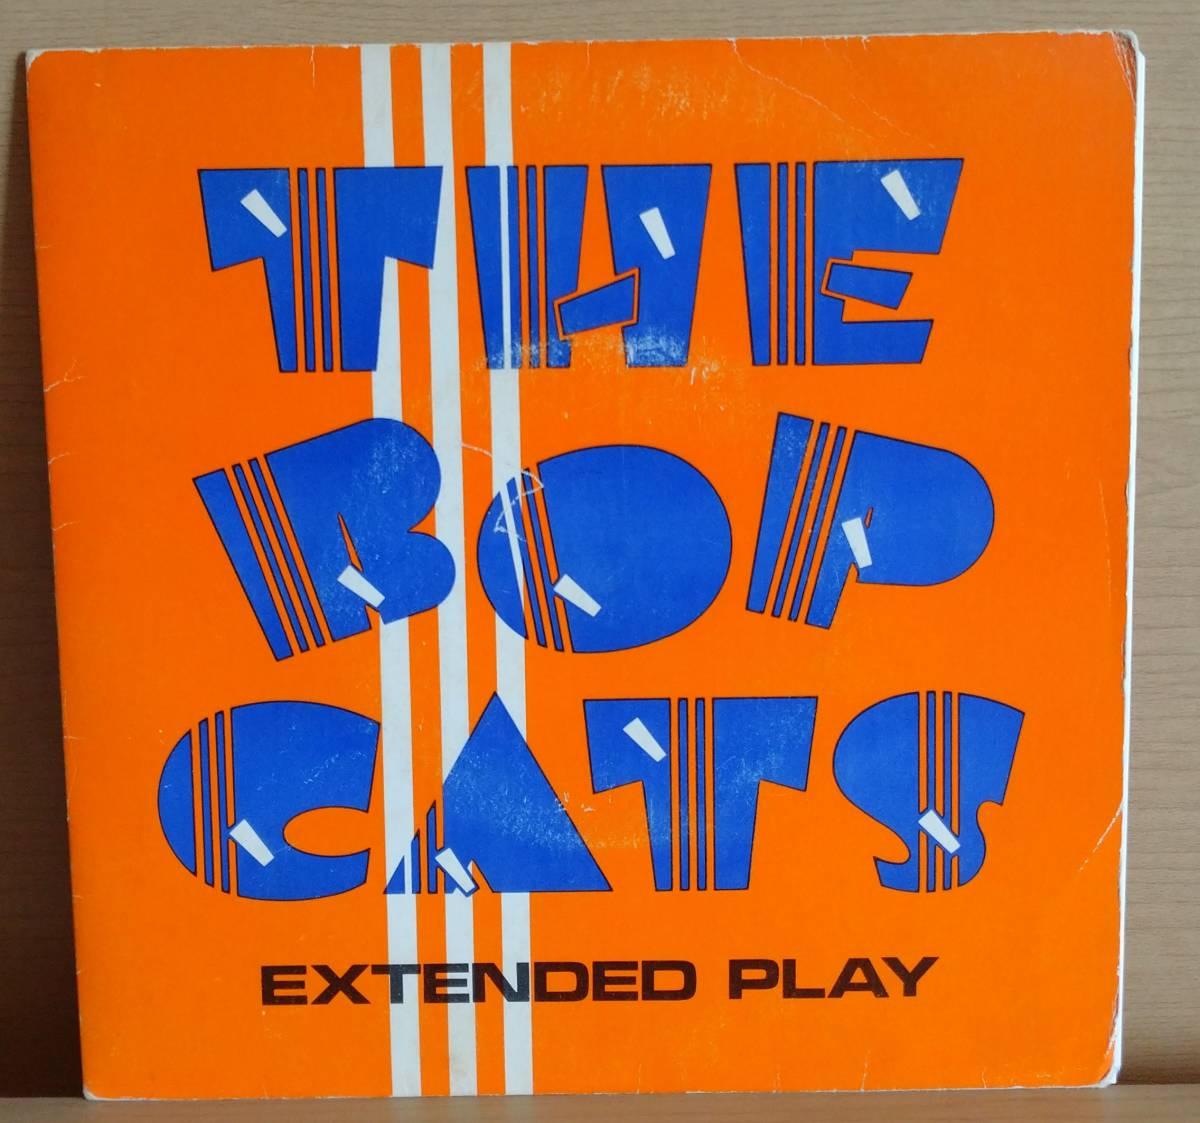 ◆ カナダ ネオロカ ◆ THE BOPCATS / 4曲入り7インチEP ◆ アルバム未収録有 ロカビリー サイコビリー ストレイキャッツ Stray Cats ◆_画像1